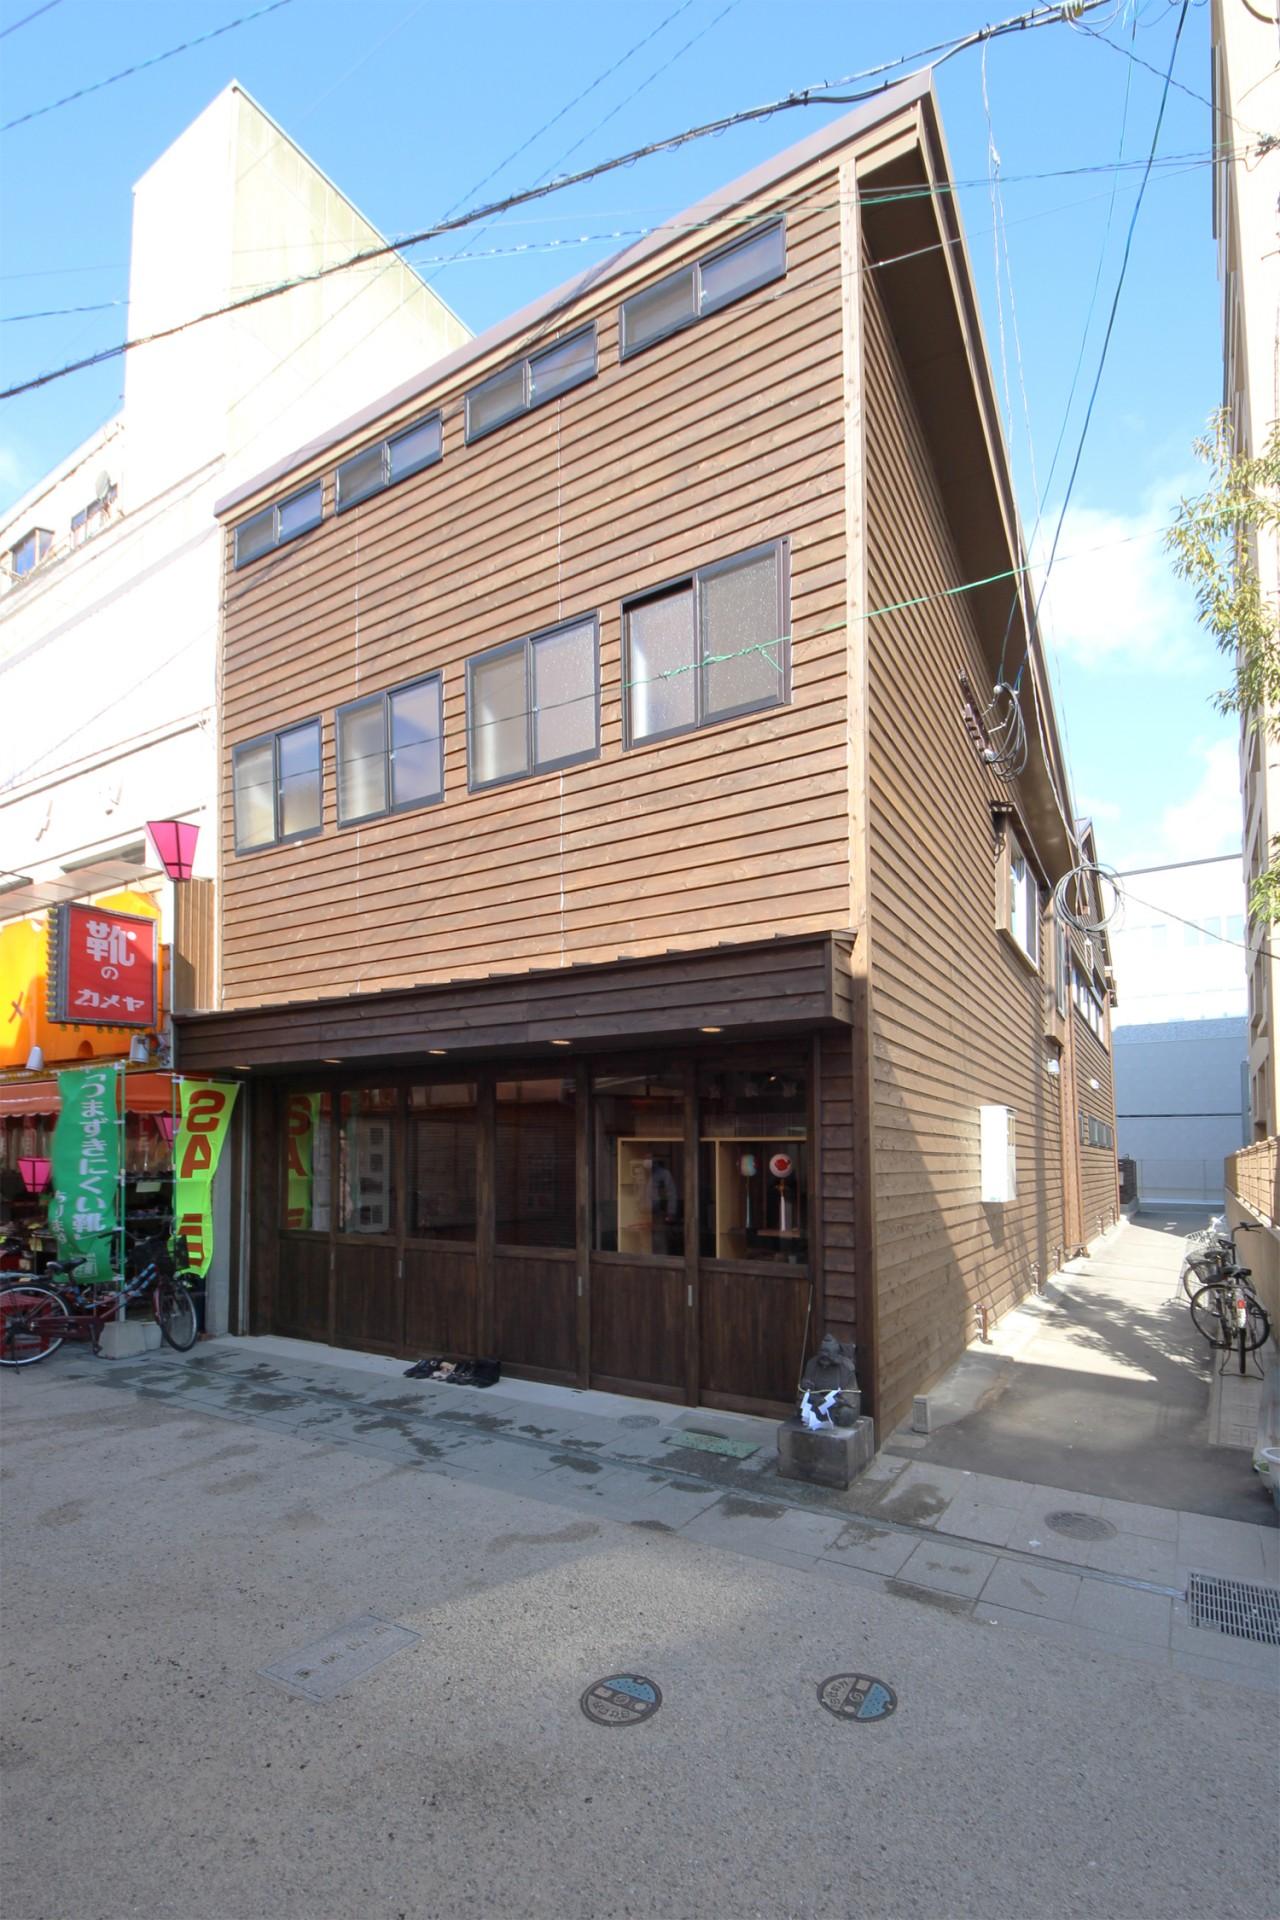 物件の場所は呉服元町の656広場より徒歩1分ないぐらいの近さ。